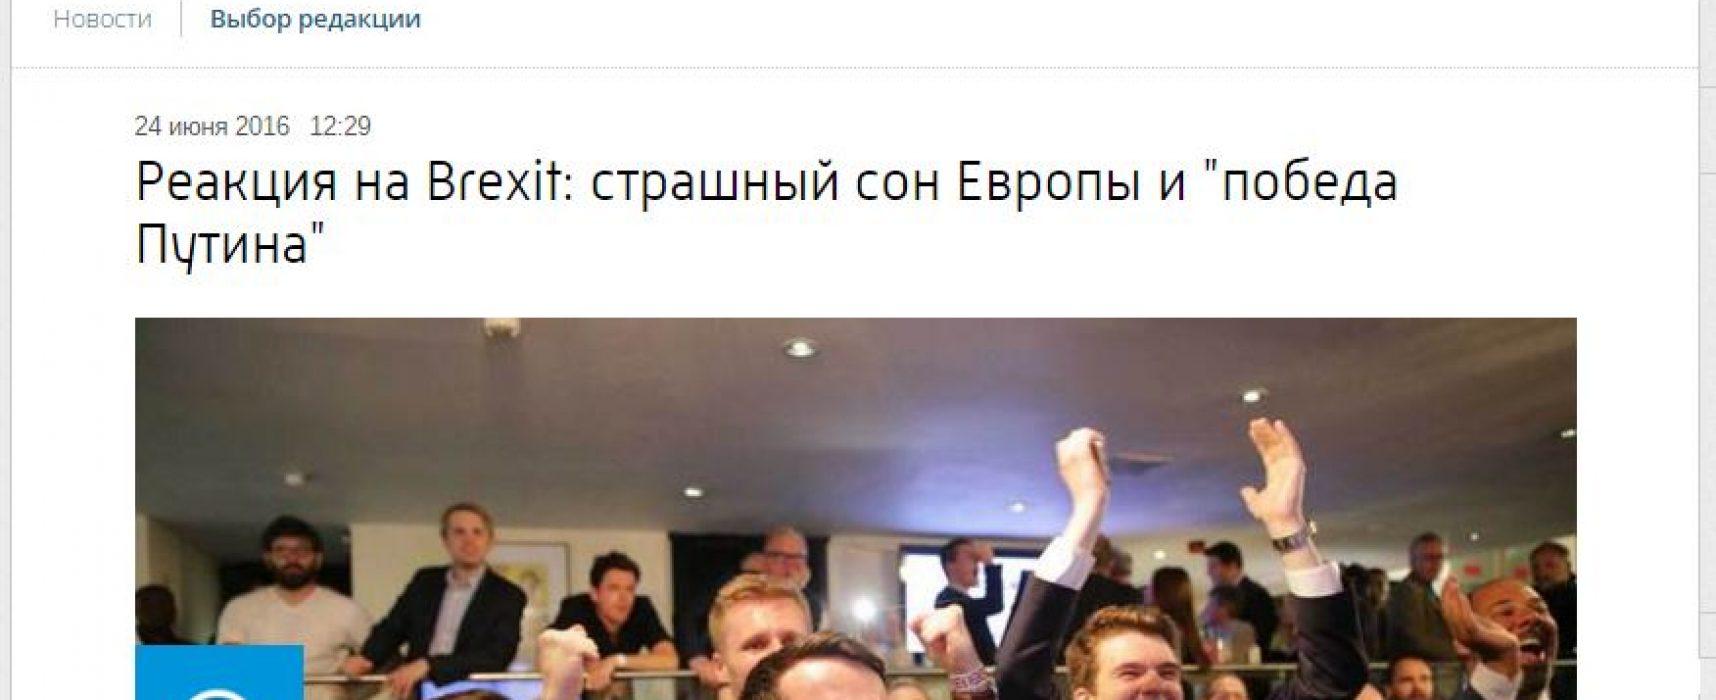 El Brexit en los medios rusos: la victoria de Putin y una catástrofe para Ucrania